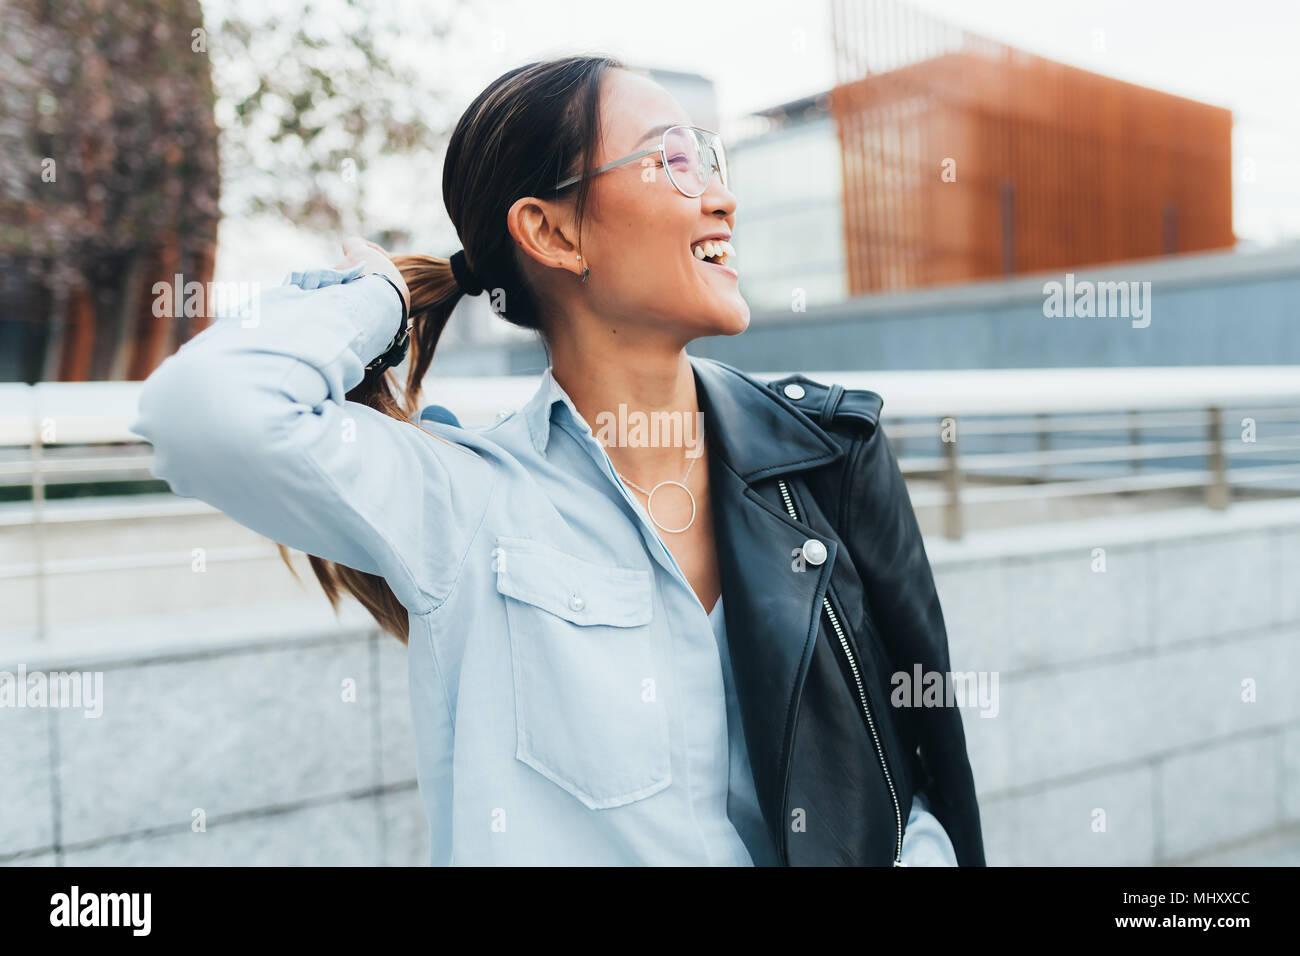 Ritratto di imprenditrice all'aperto, giacca di pelle poggiata sulla spalla, guardando lontano, sorridente Immagini Stock